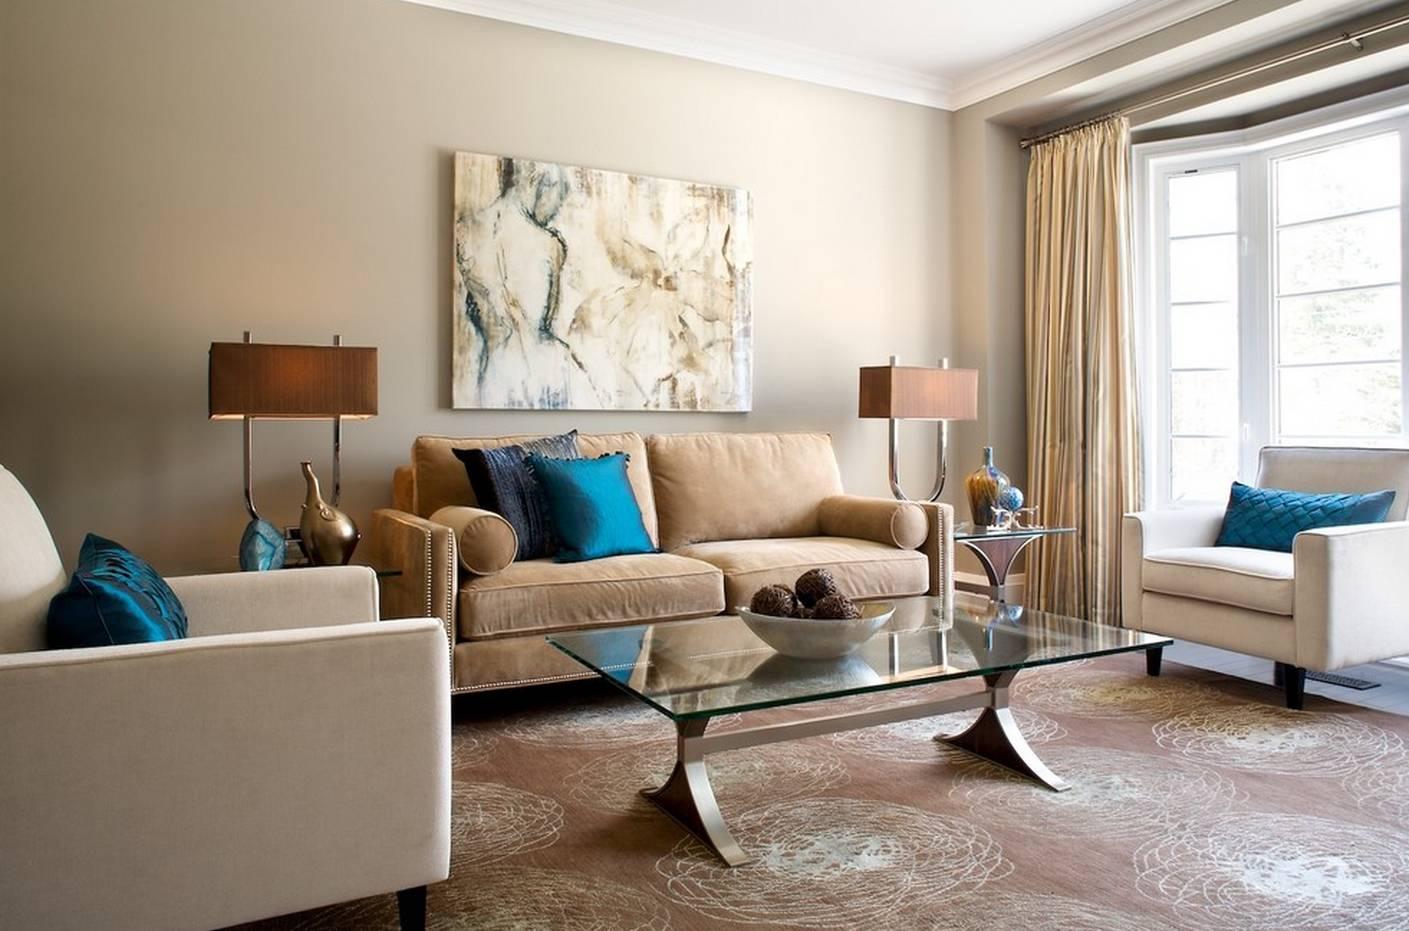 Яркий интерьер в квартире. яркие акценты в интерьере дома. фото